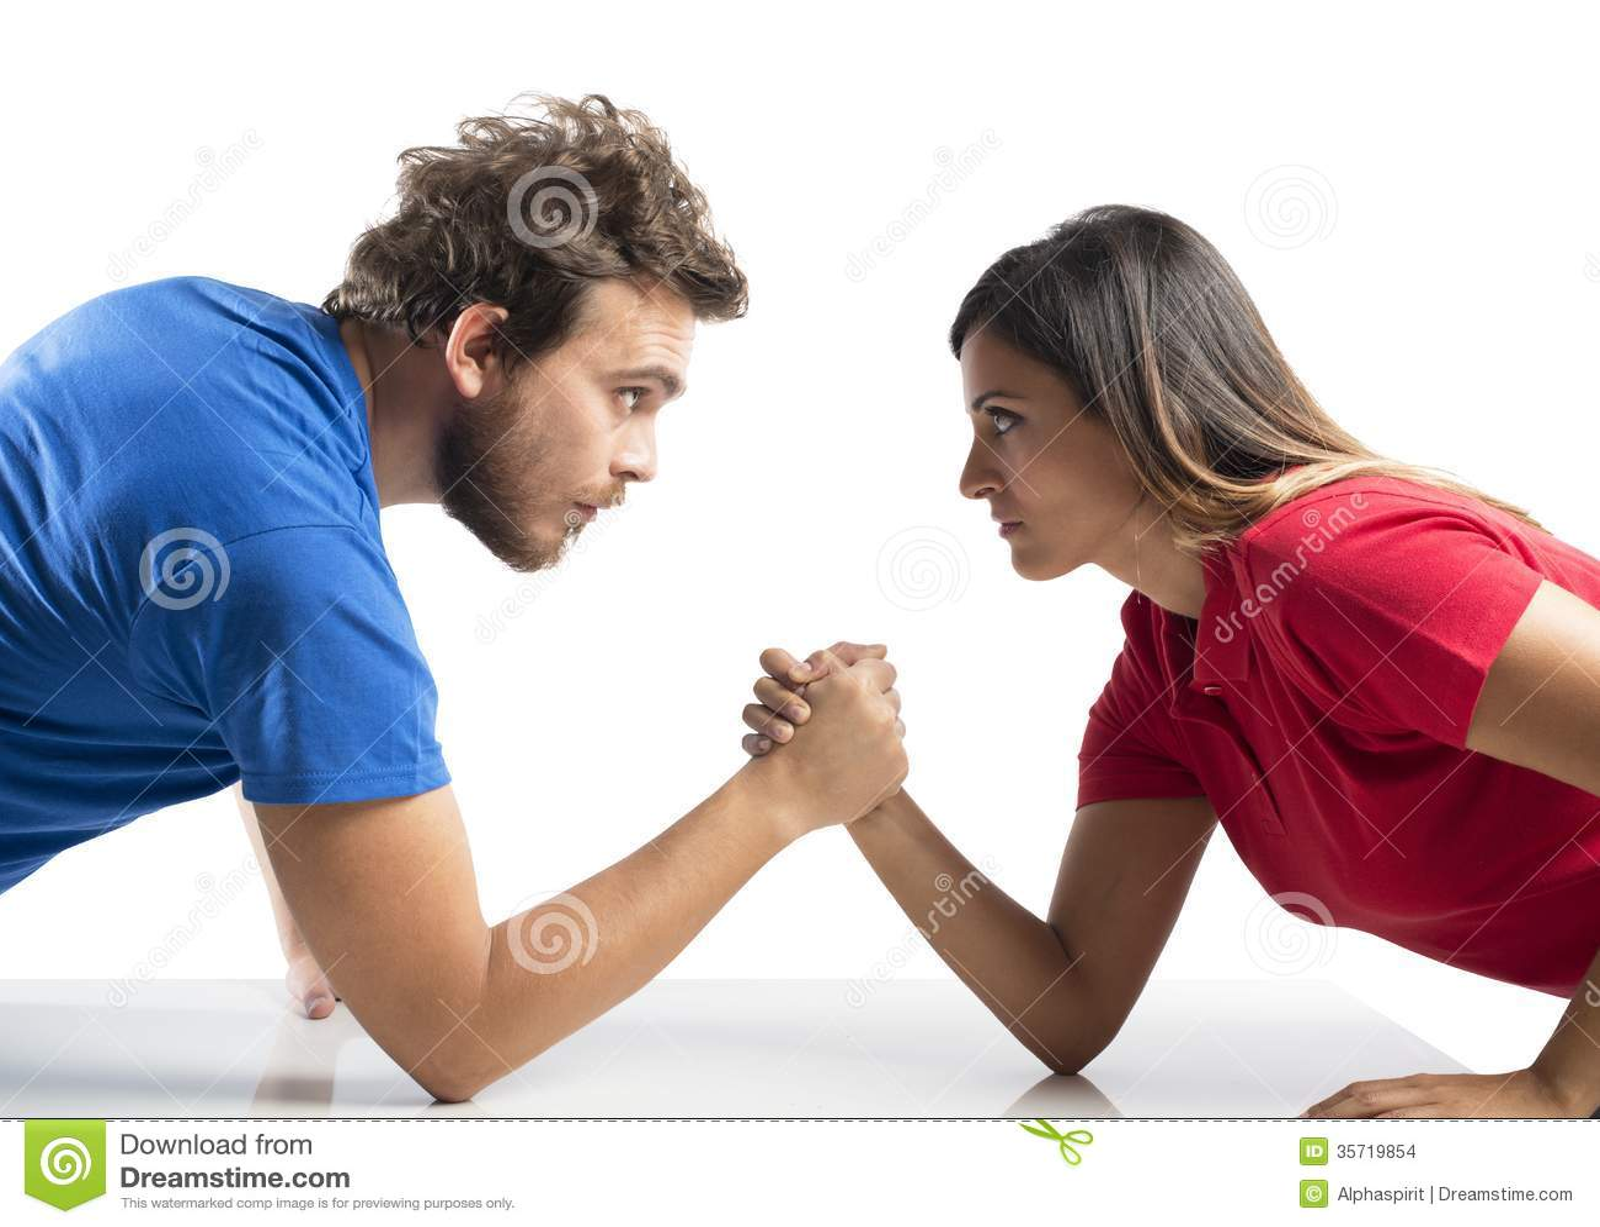 Как сделать так чтобы отношения между мужчиной и женщиной